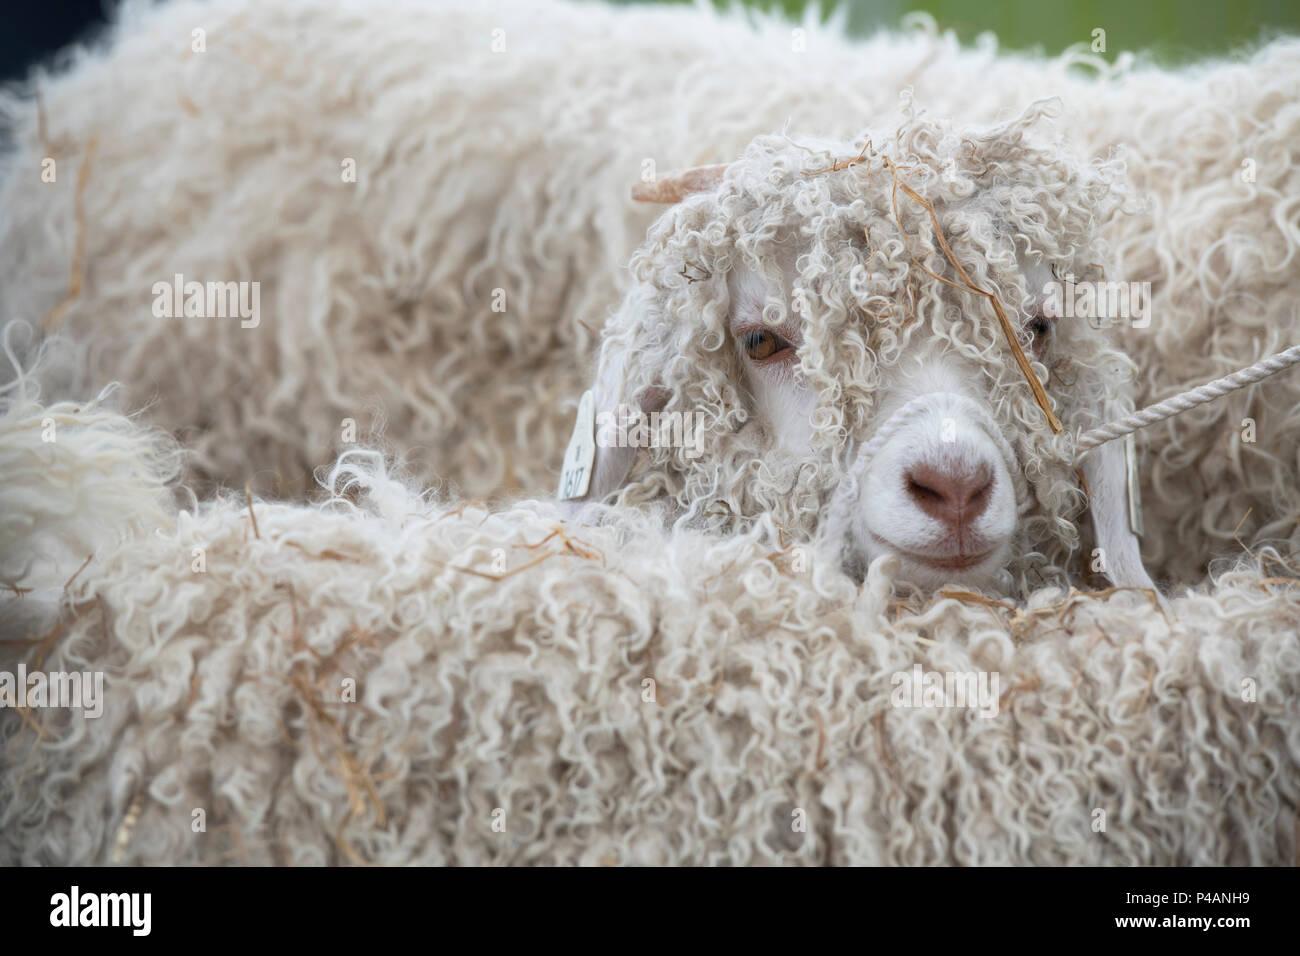 Capra aegagrus hircus. Angora capre di capretto a uno spettacolo agricolo. Regno Unito Immagini Stock